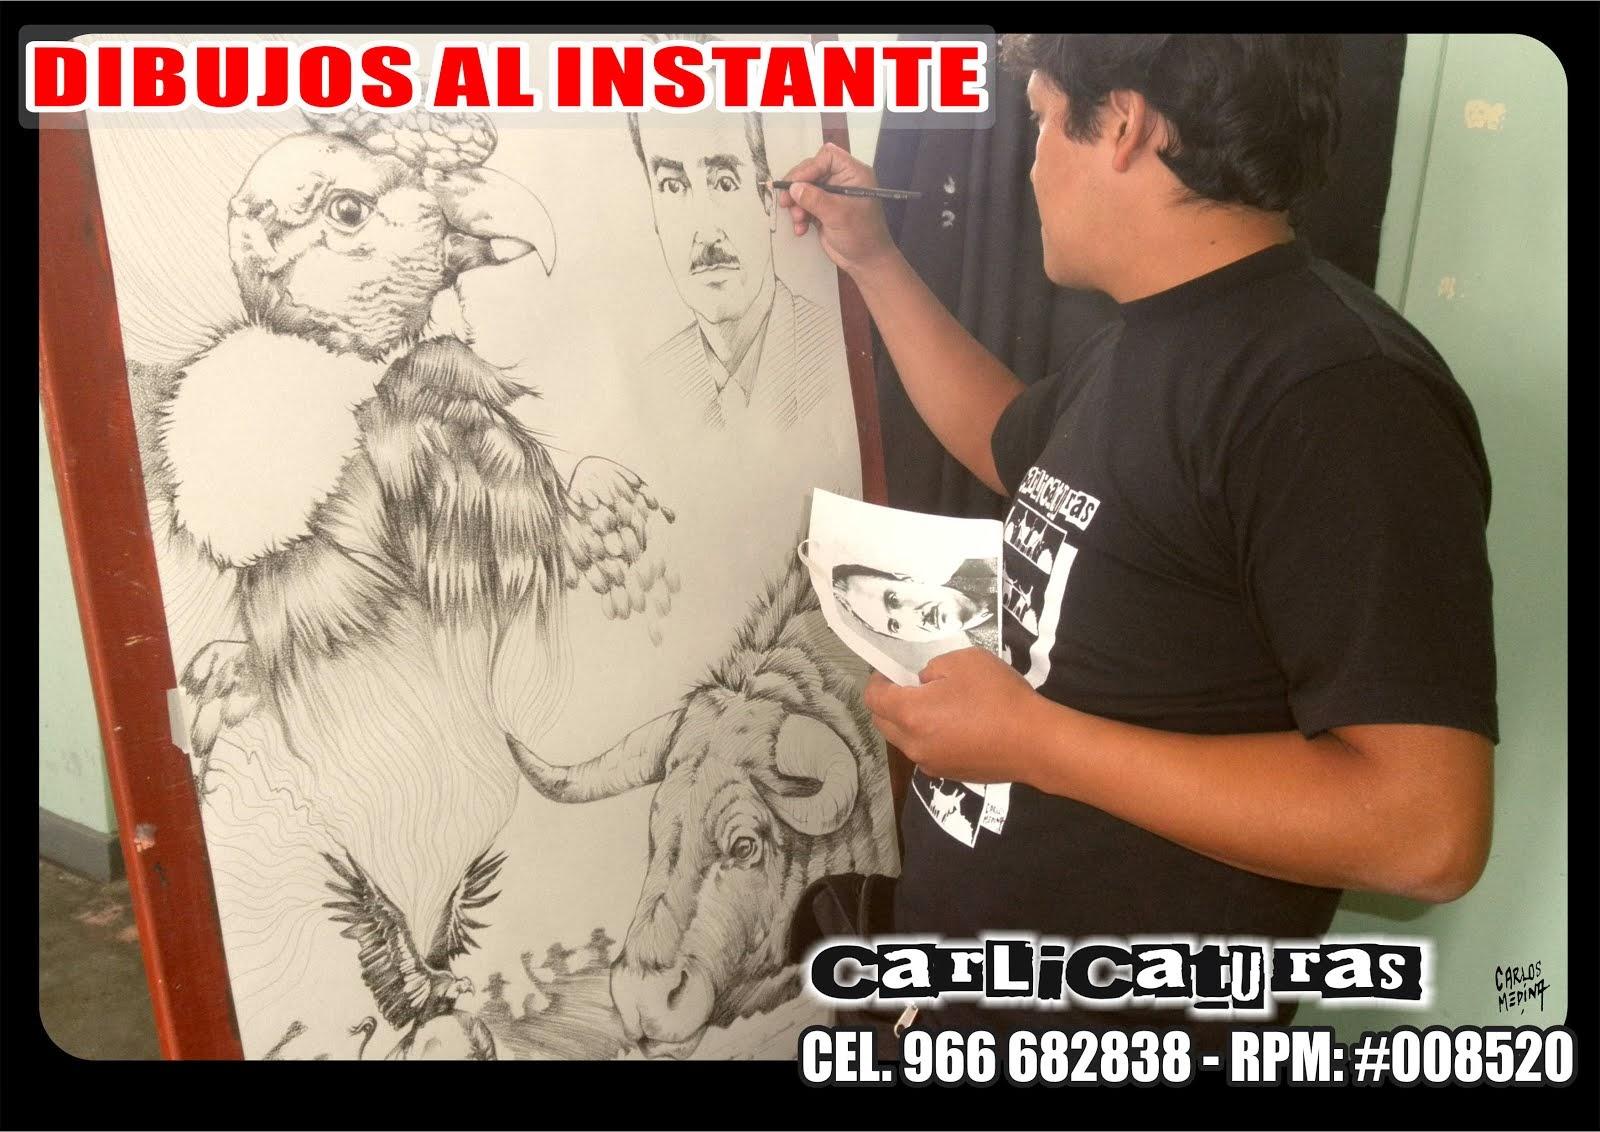 DIBUJOS ARTÍSTICOS AL INSTANTE EN AYACUCHO PERÚ